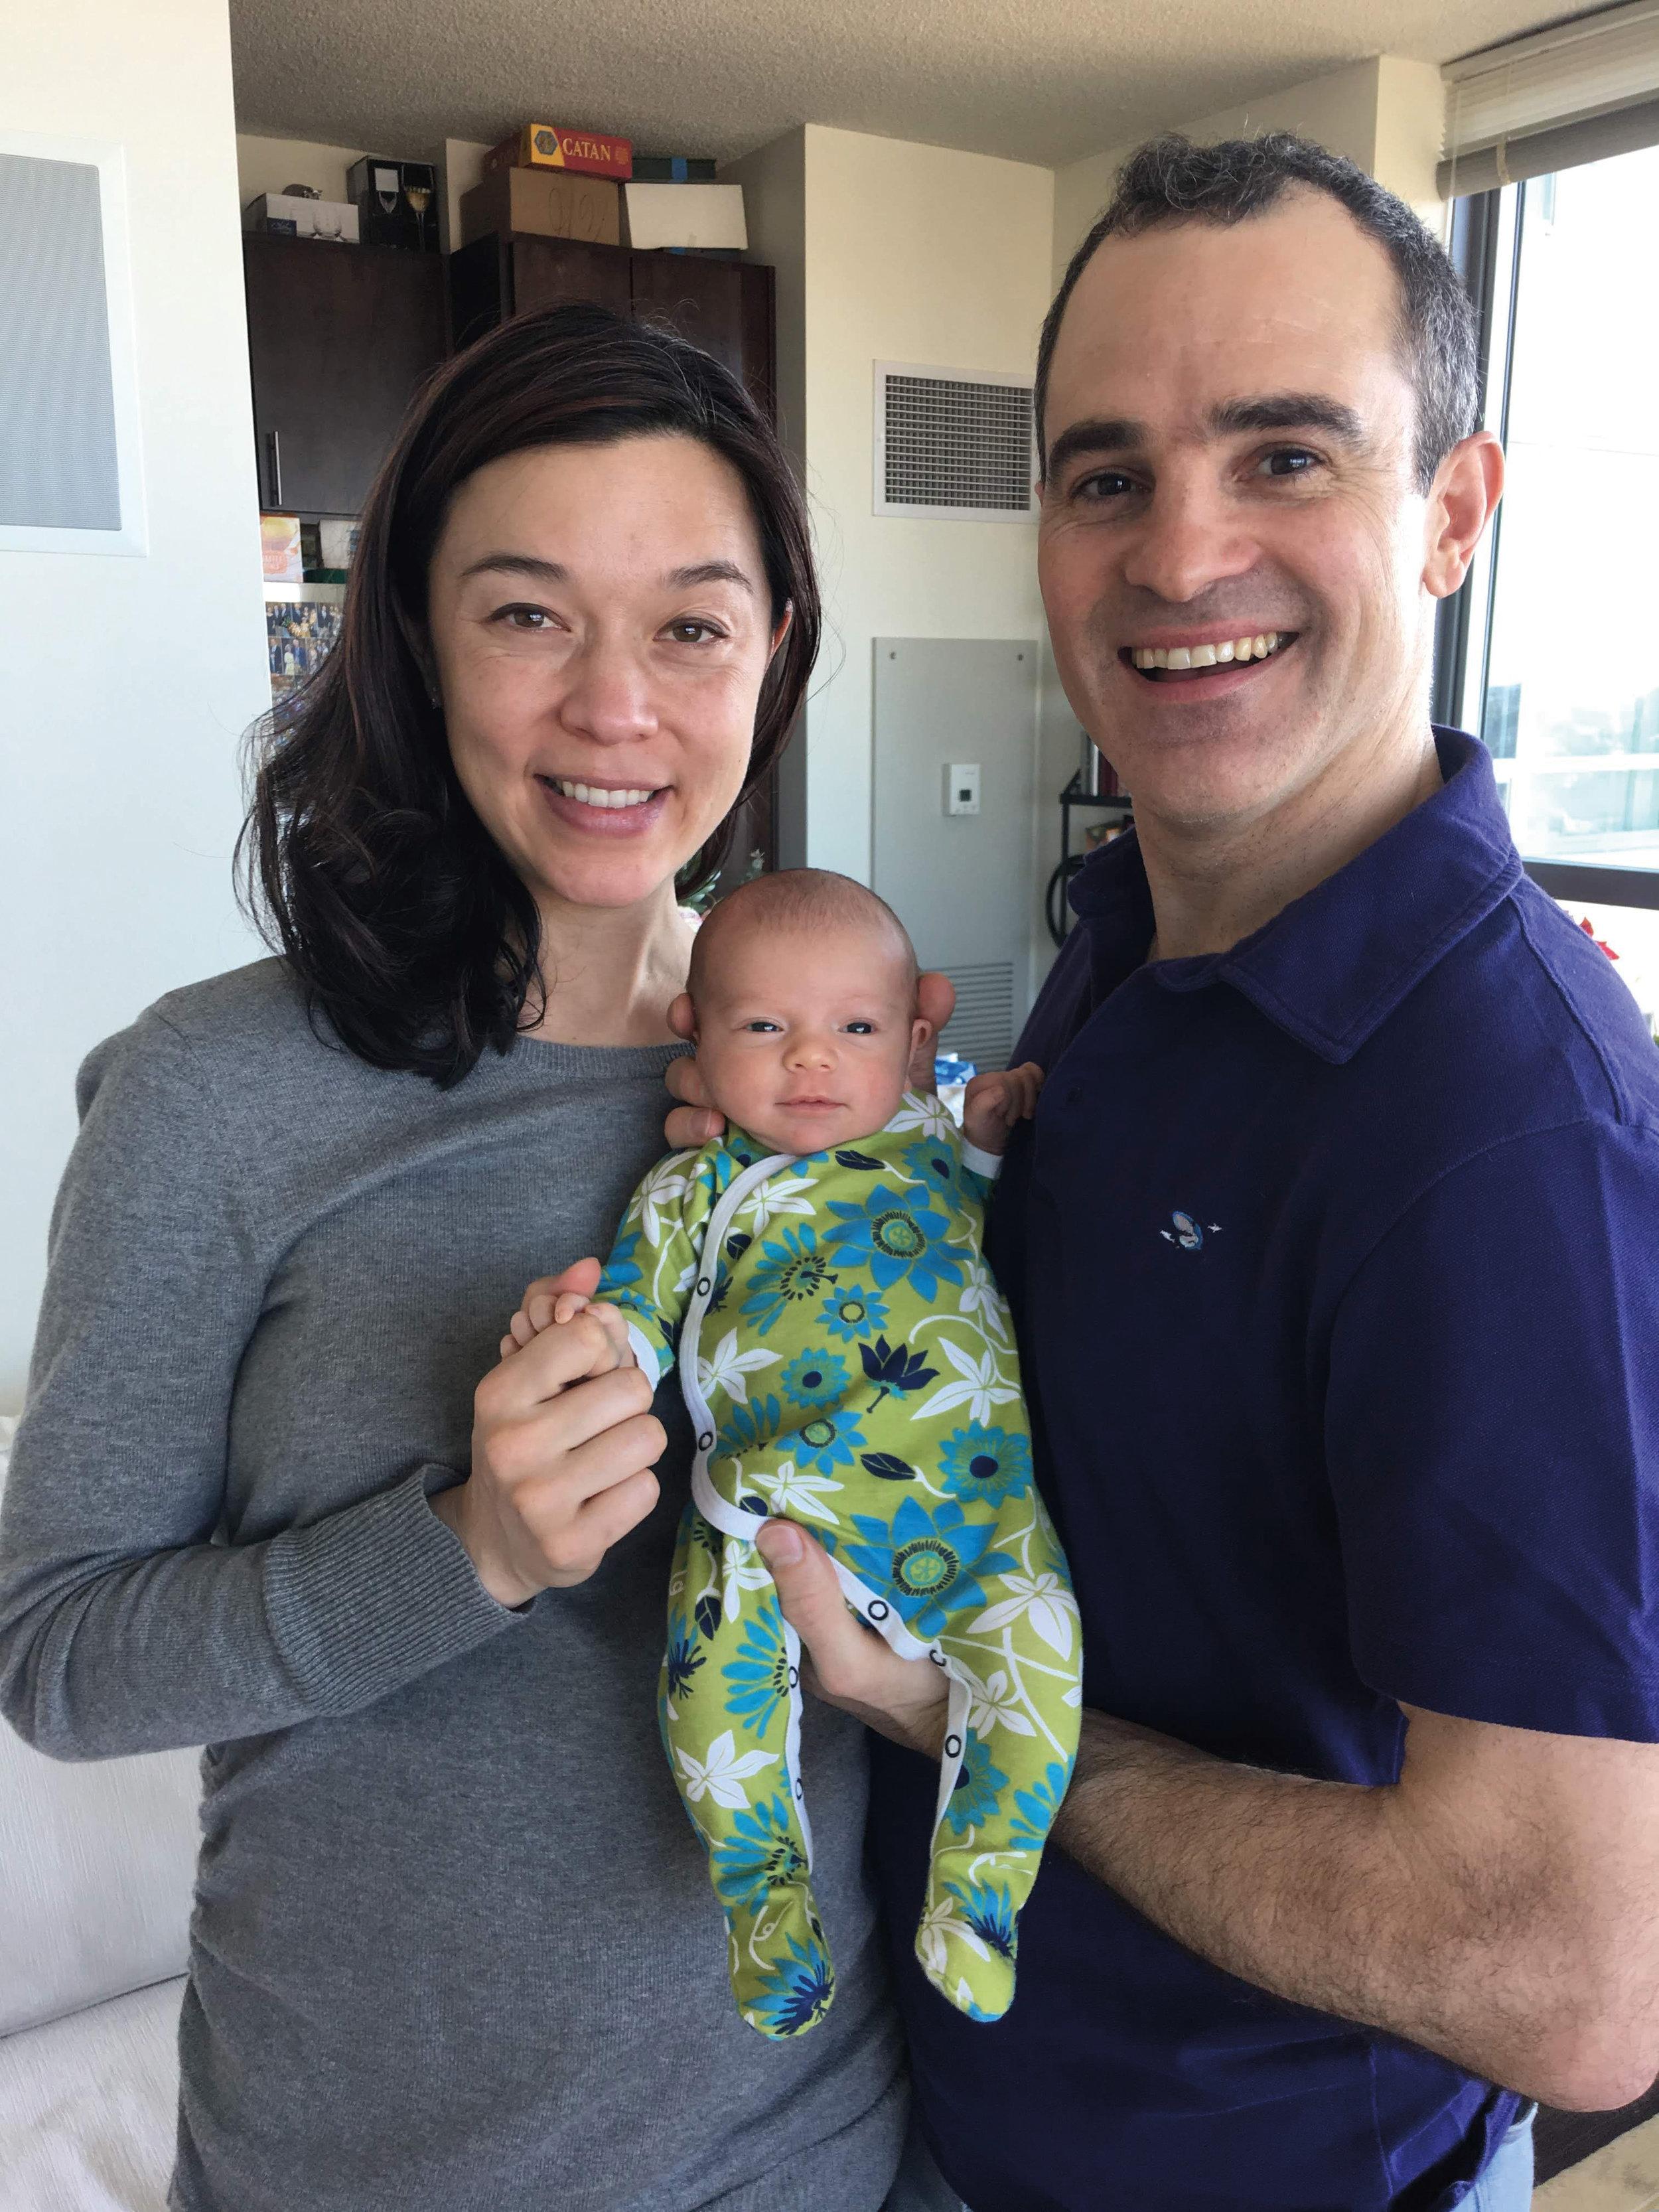 Laura Sinnott, Albert Pope '95, and Mileva Rose Pope-Sinnott, born on March 7, 2019.